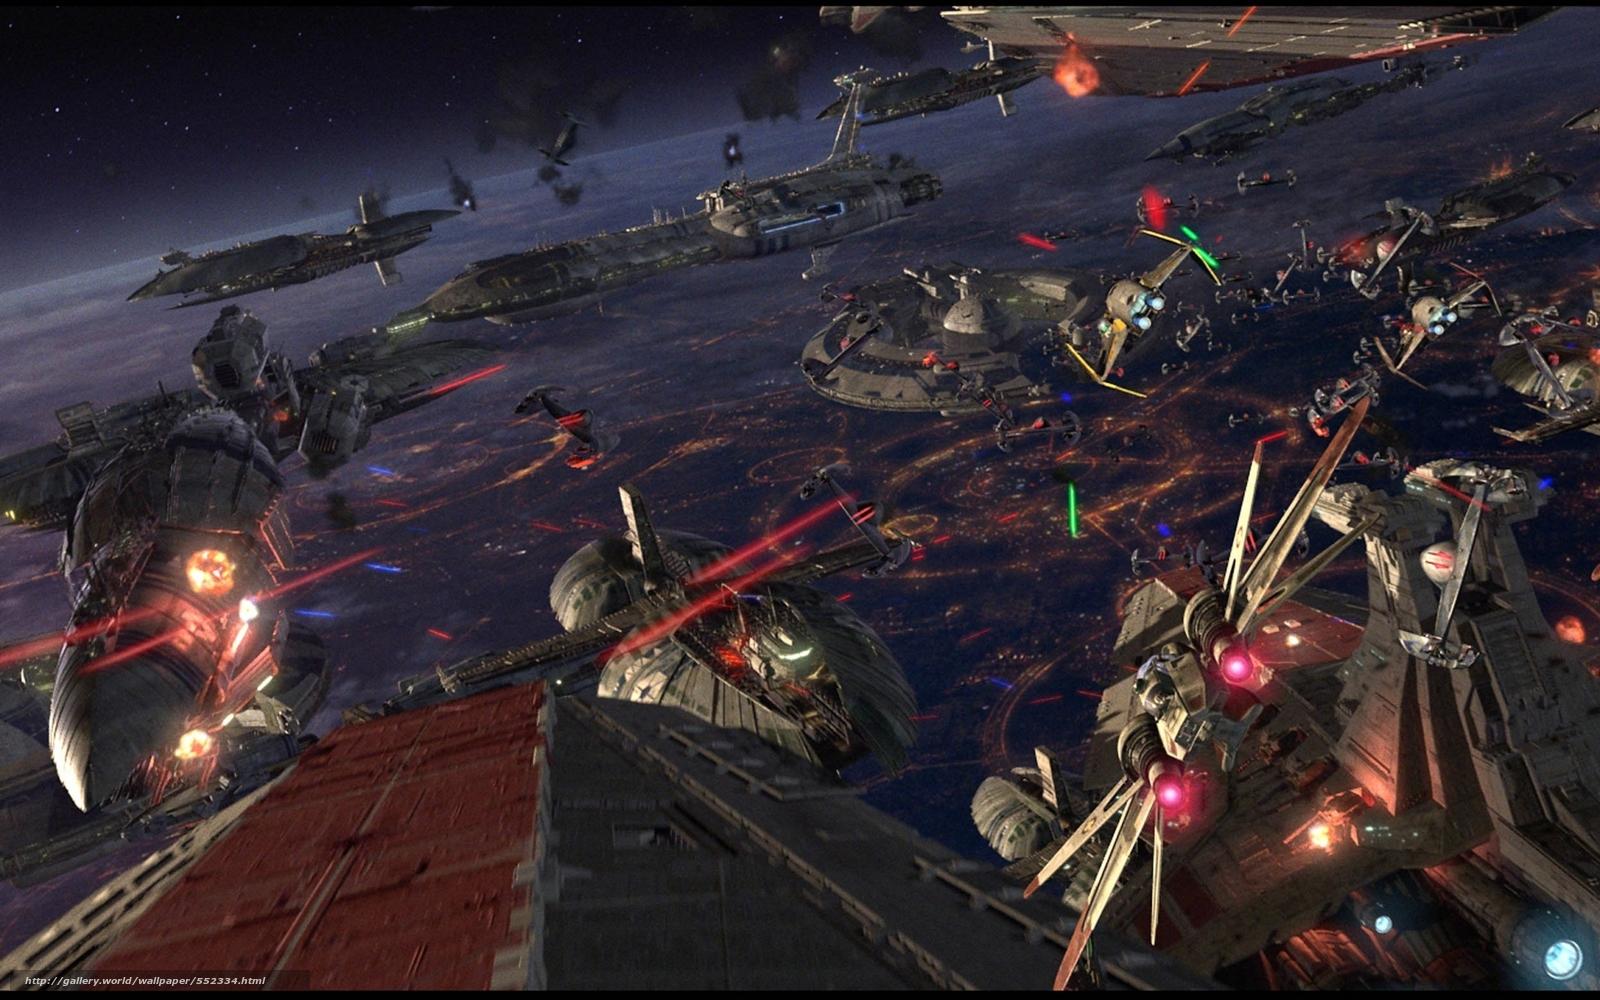 Скачать обои звёздные войны для рабочего стола 16